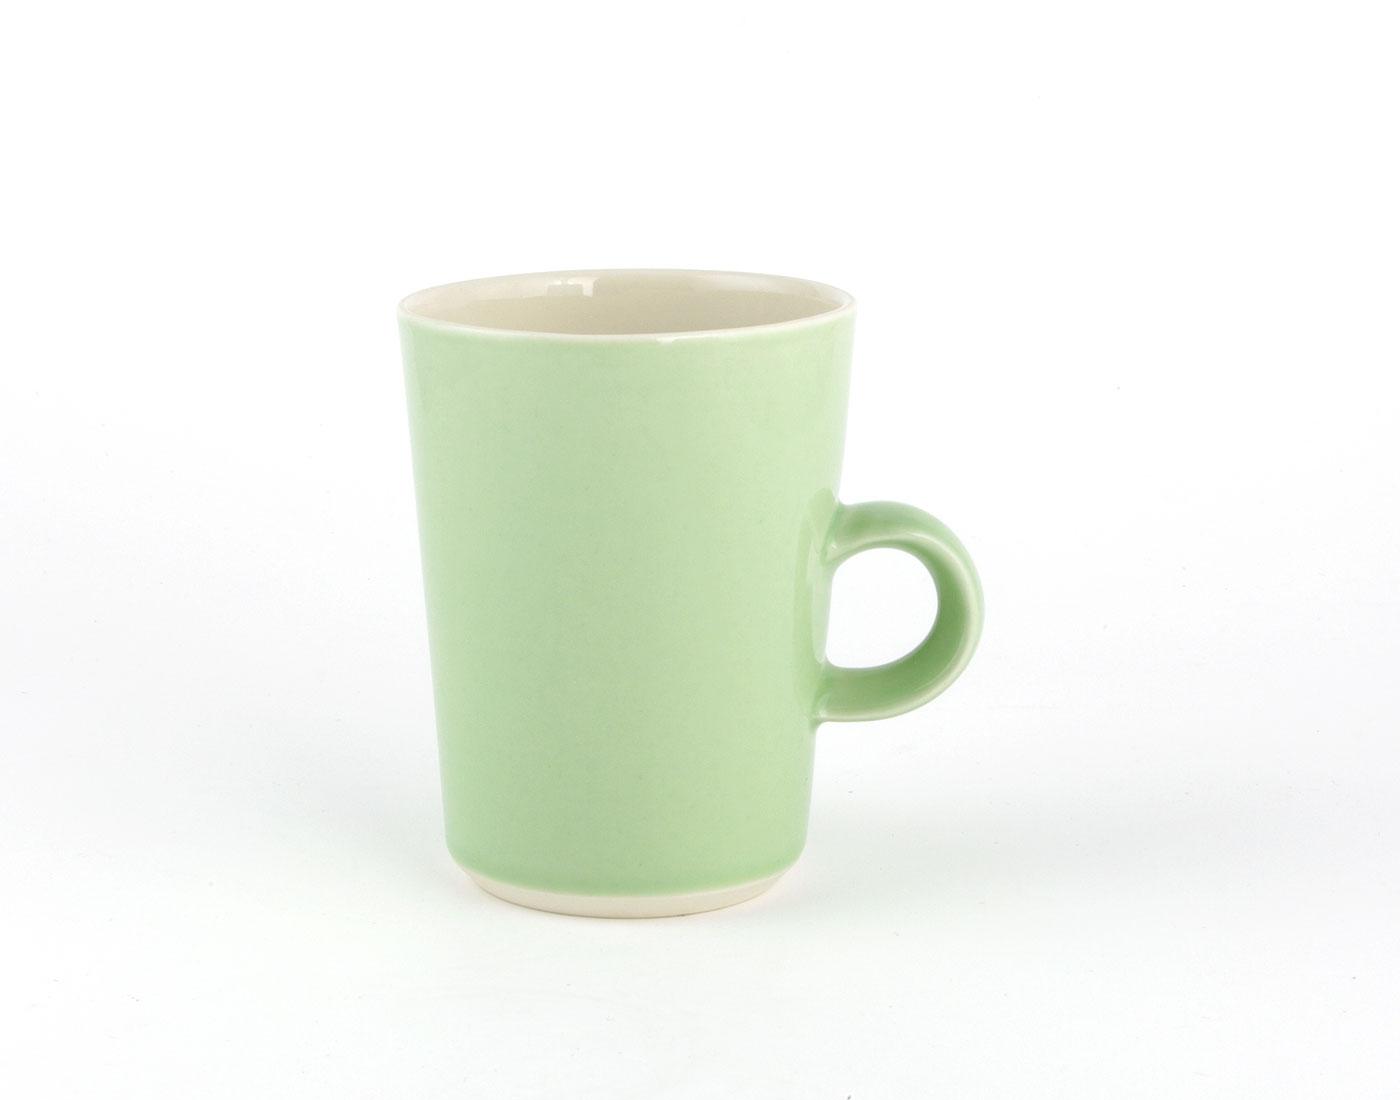 mittlere grüne Tasse